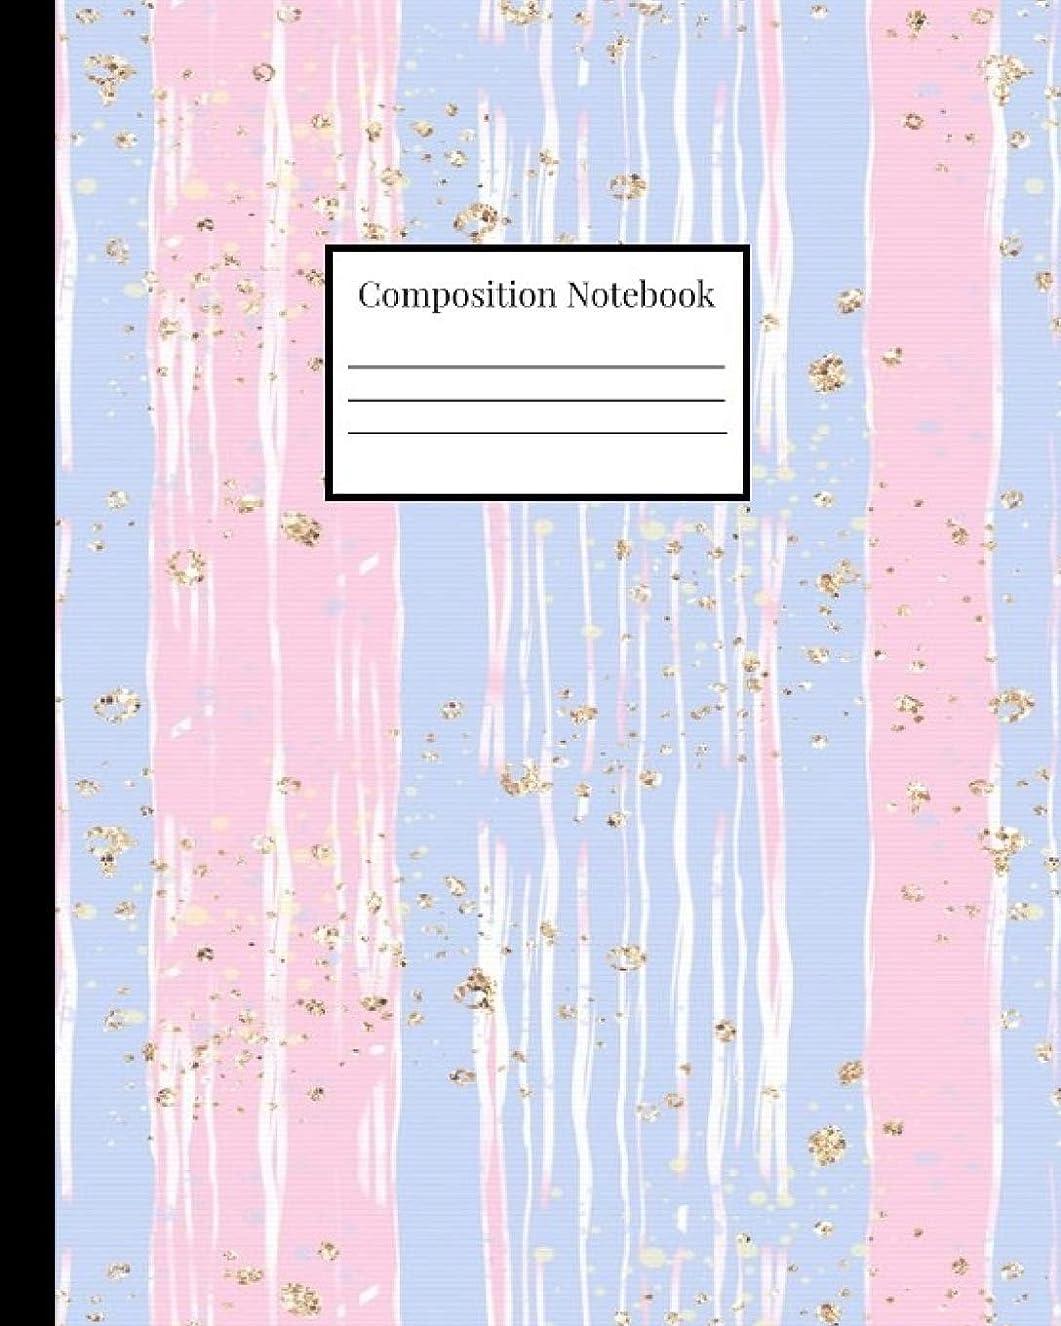 スクラブ岩艦隊Composition Notebook: Pastel Pink and Purple with Gold Elements (Pastel Composition Notebooks)